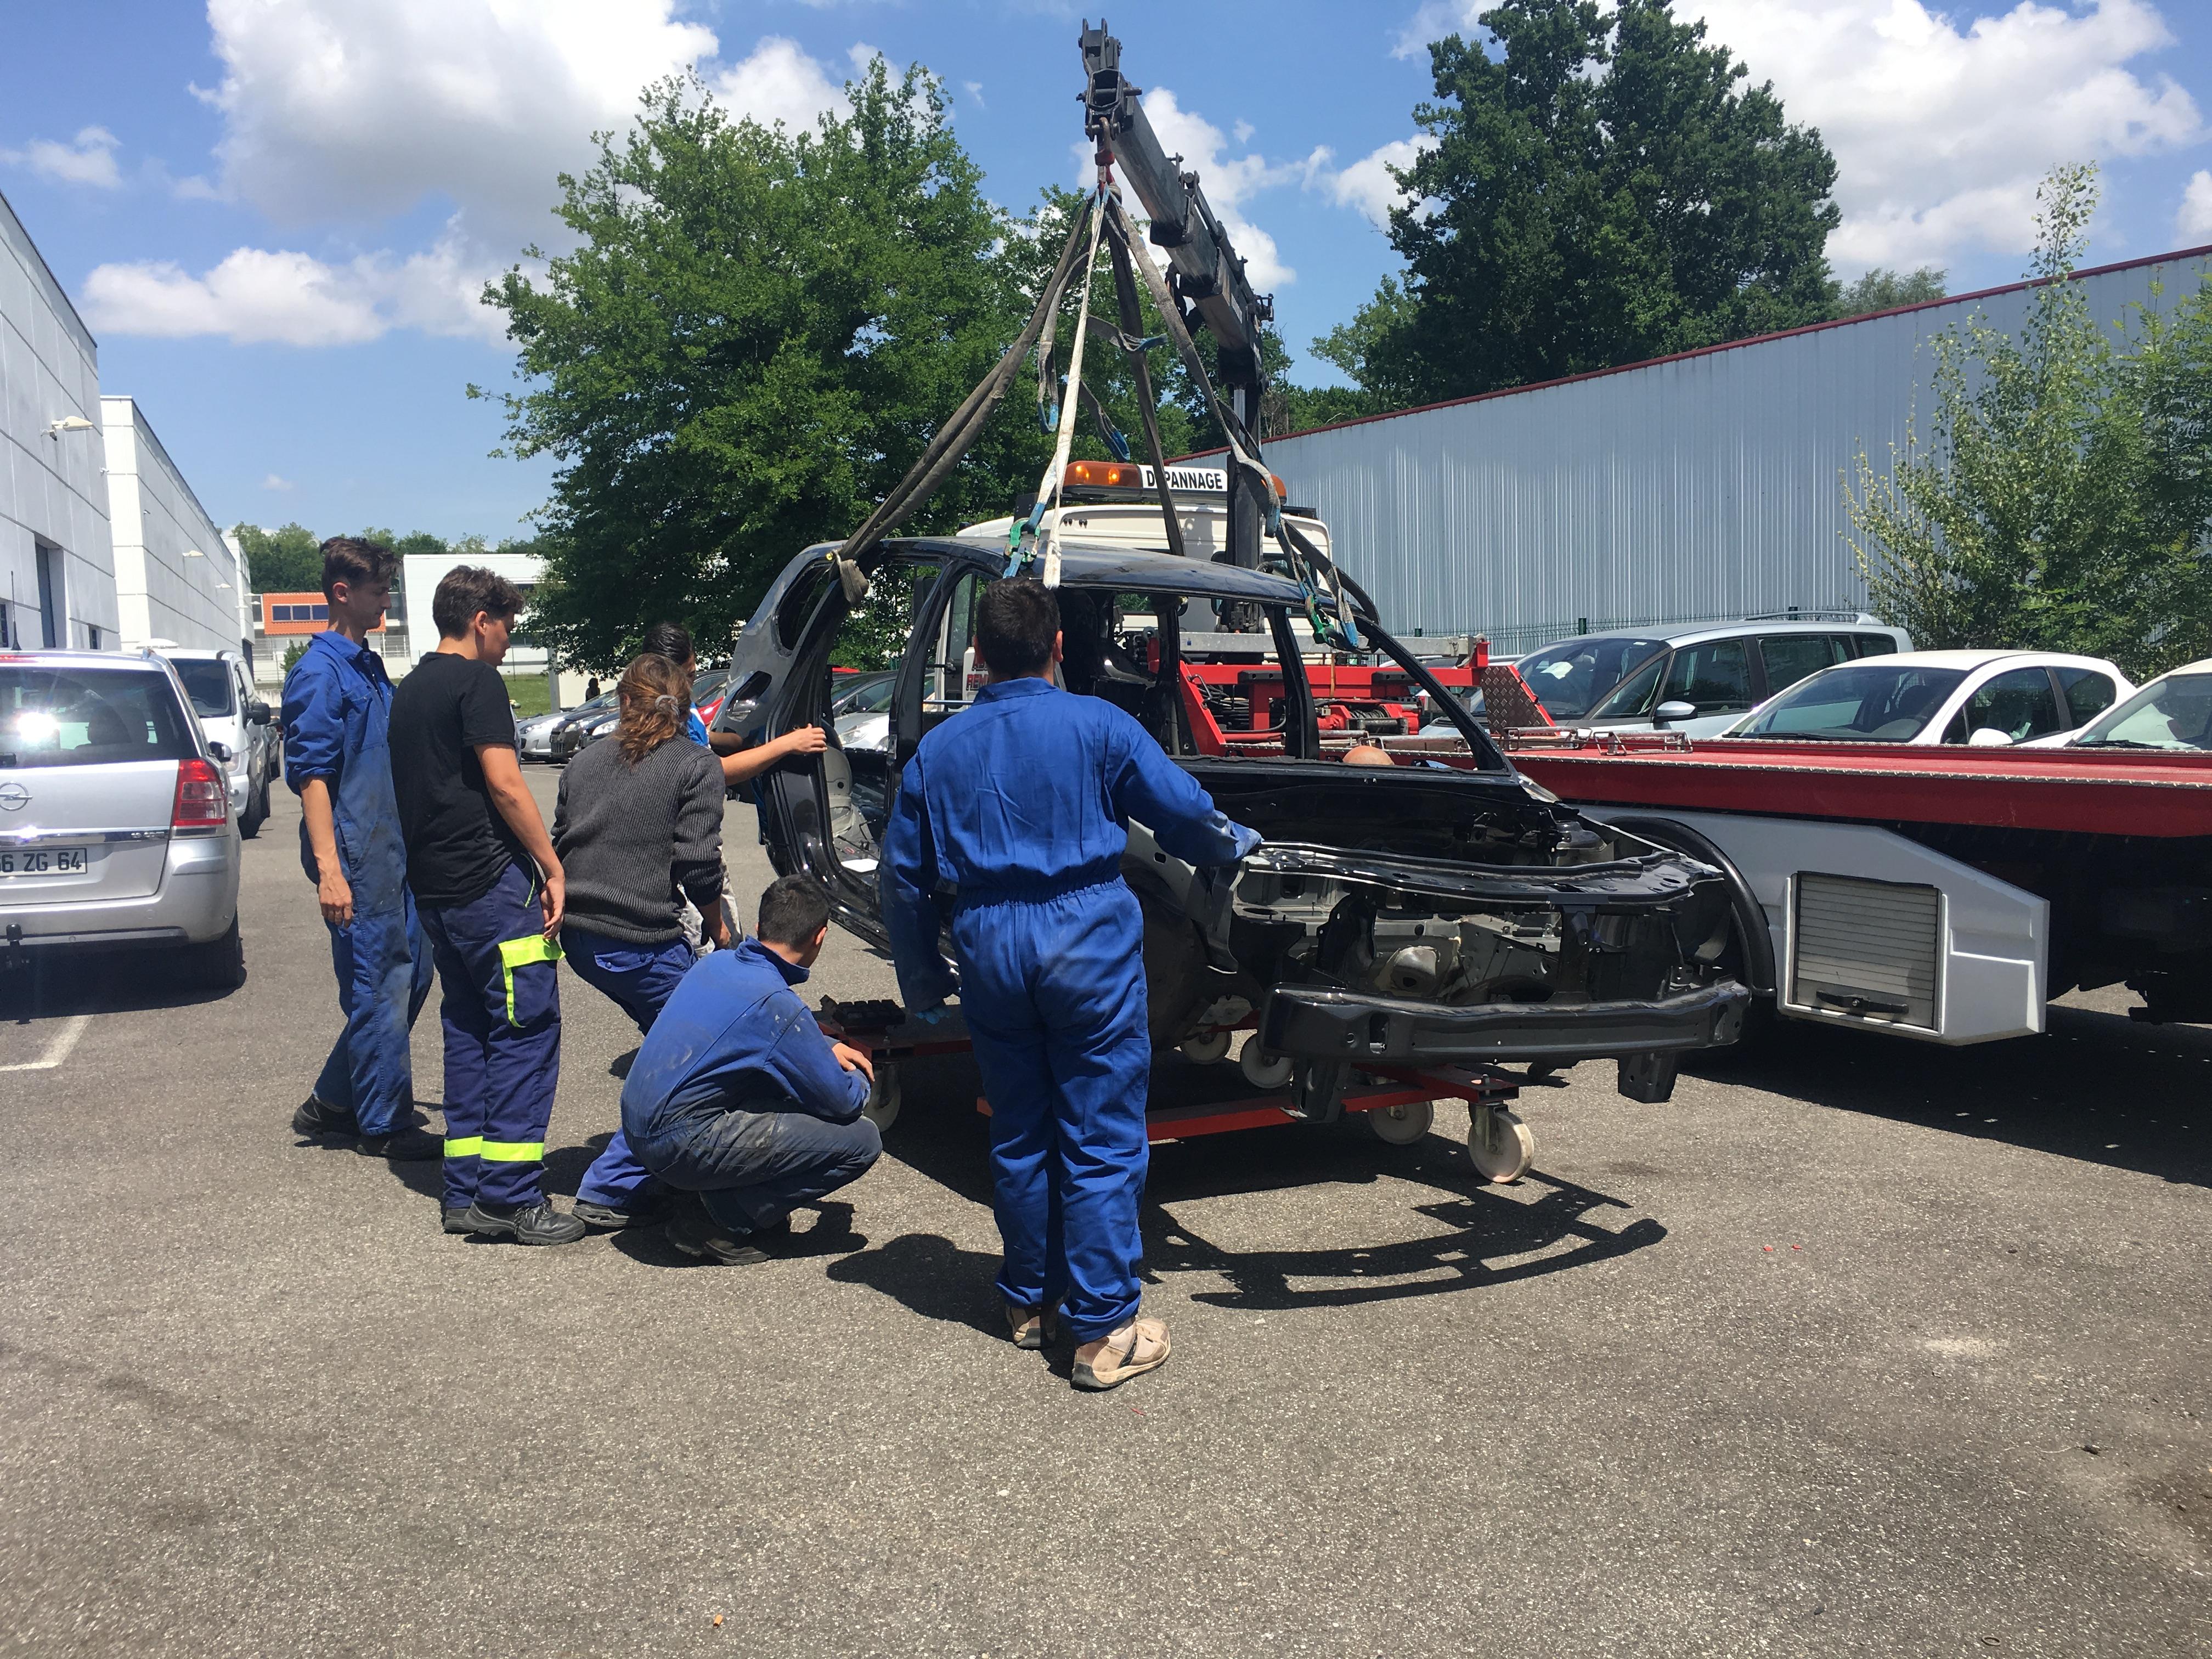 Livraison d'une carrosserie Renault aux apprentis carrossiers automobiles de Pau